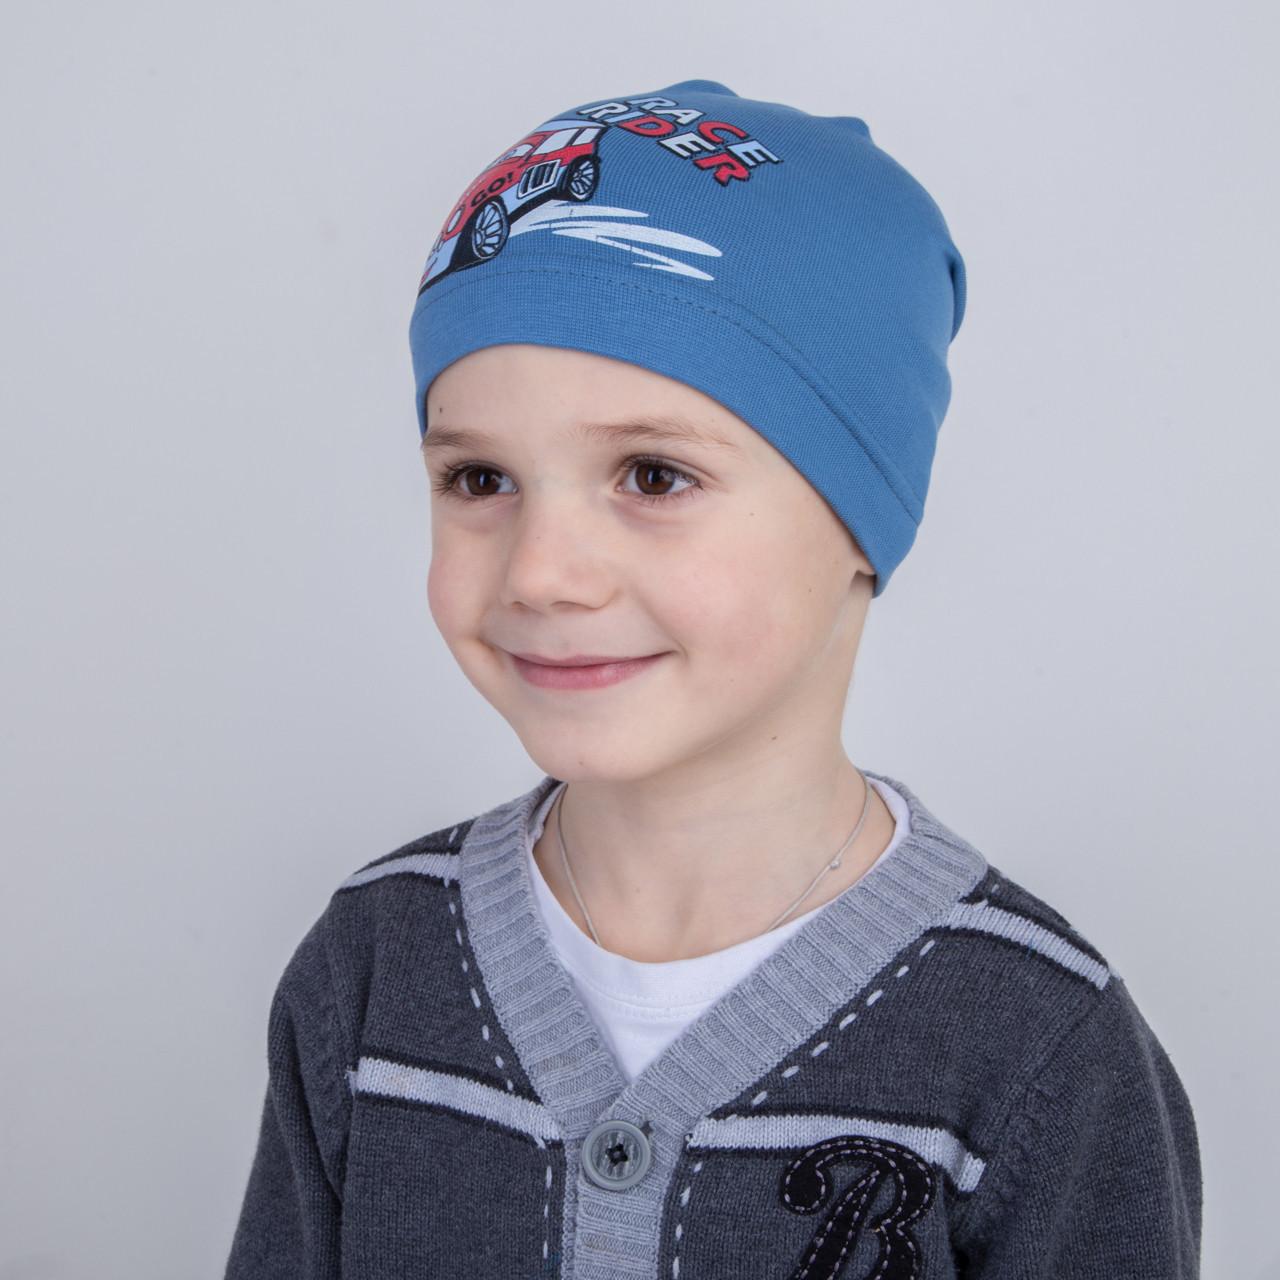 Спортивная шапка для мальчика на весну 2018 - Арт 2228